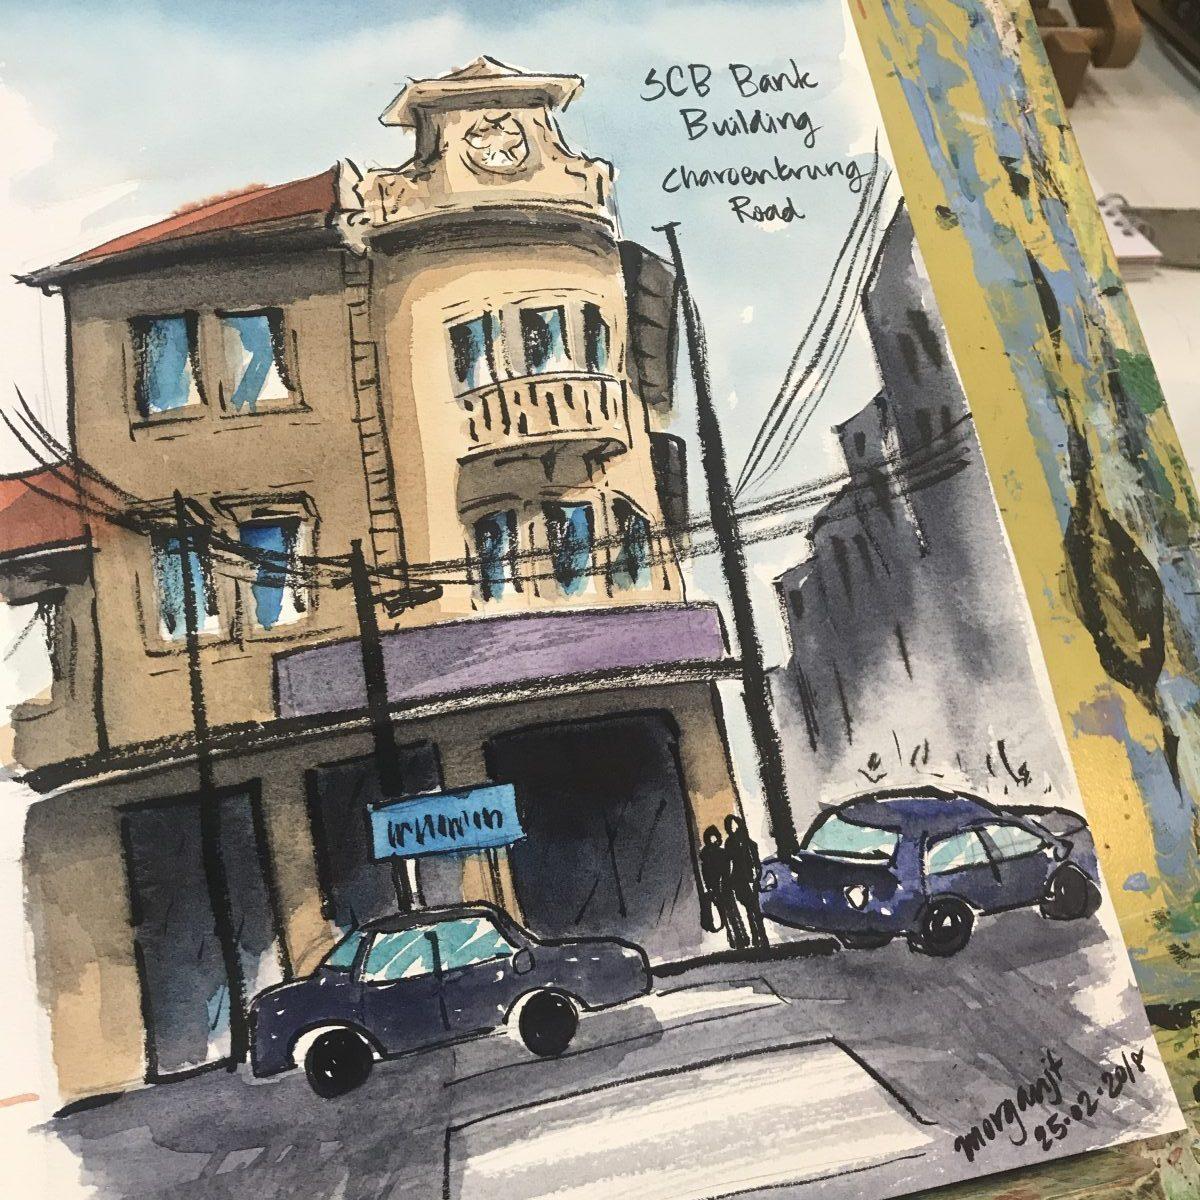 SCB bank Charoenkrung Road